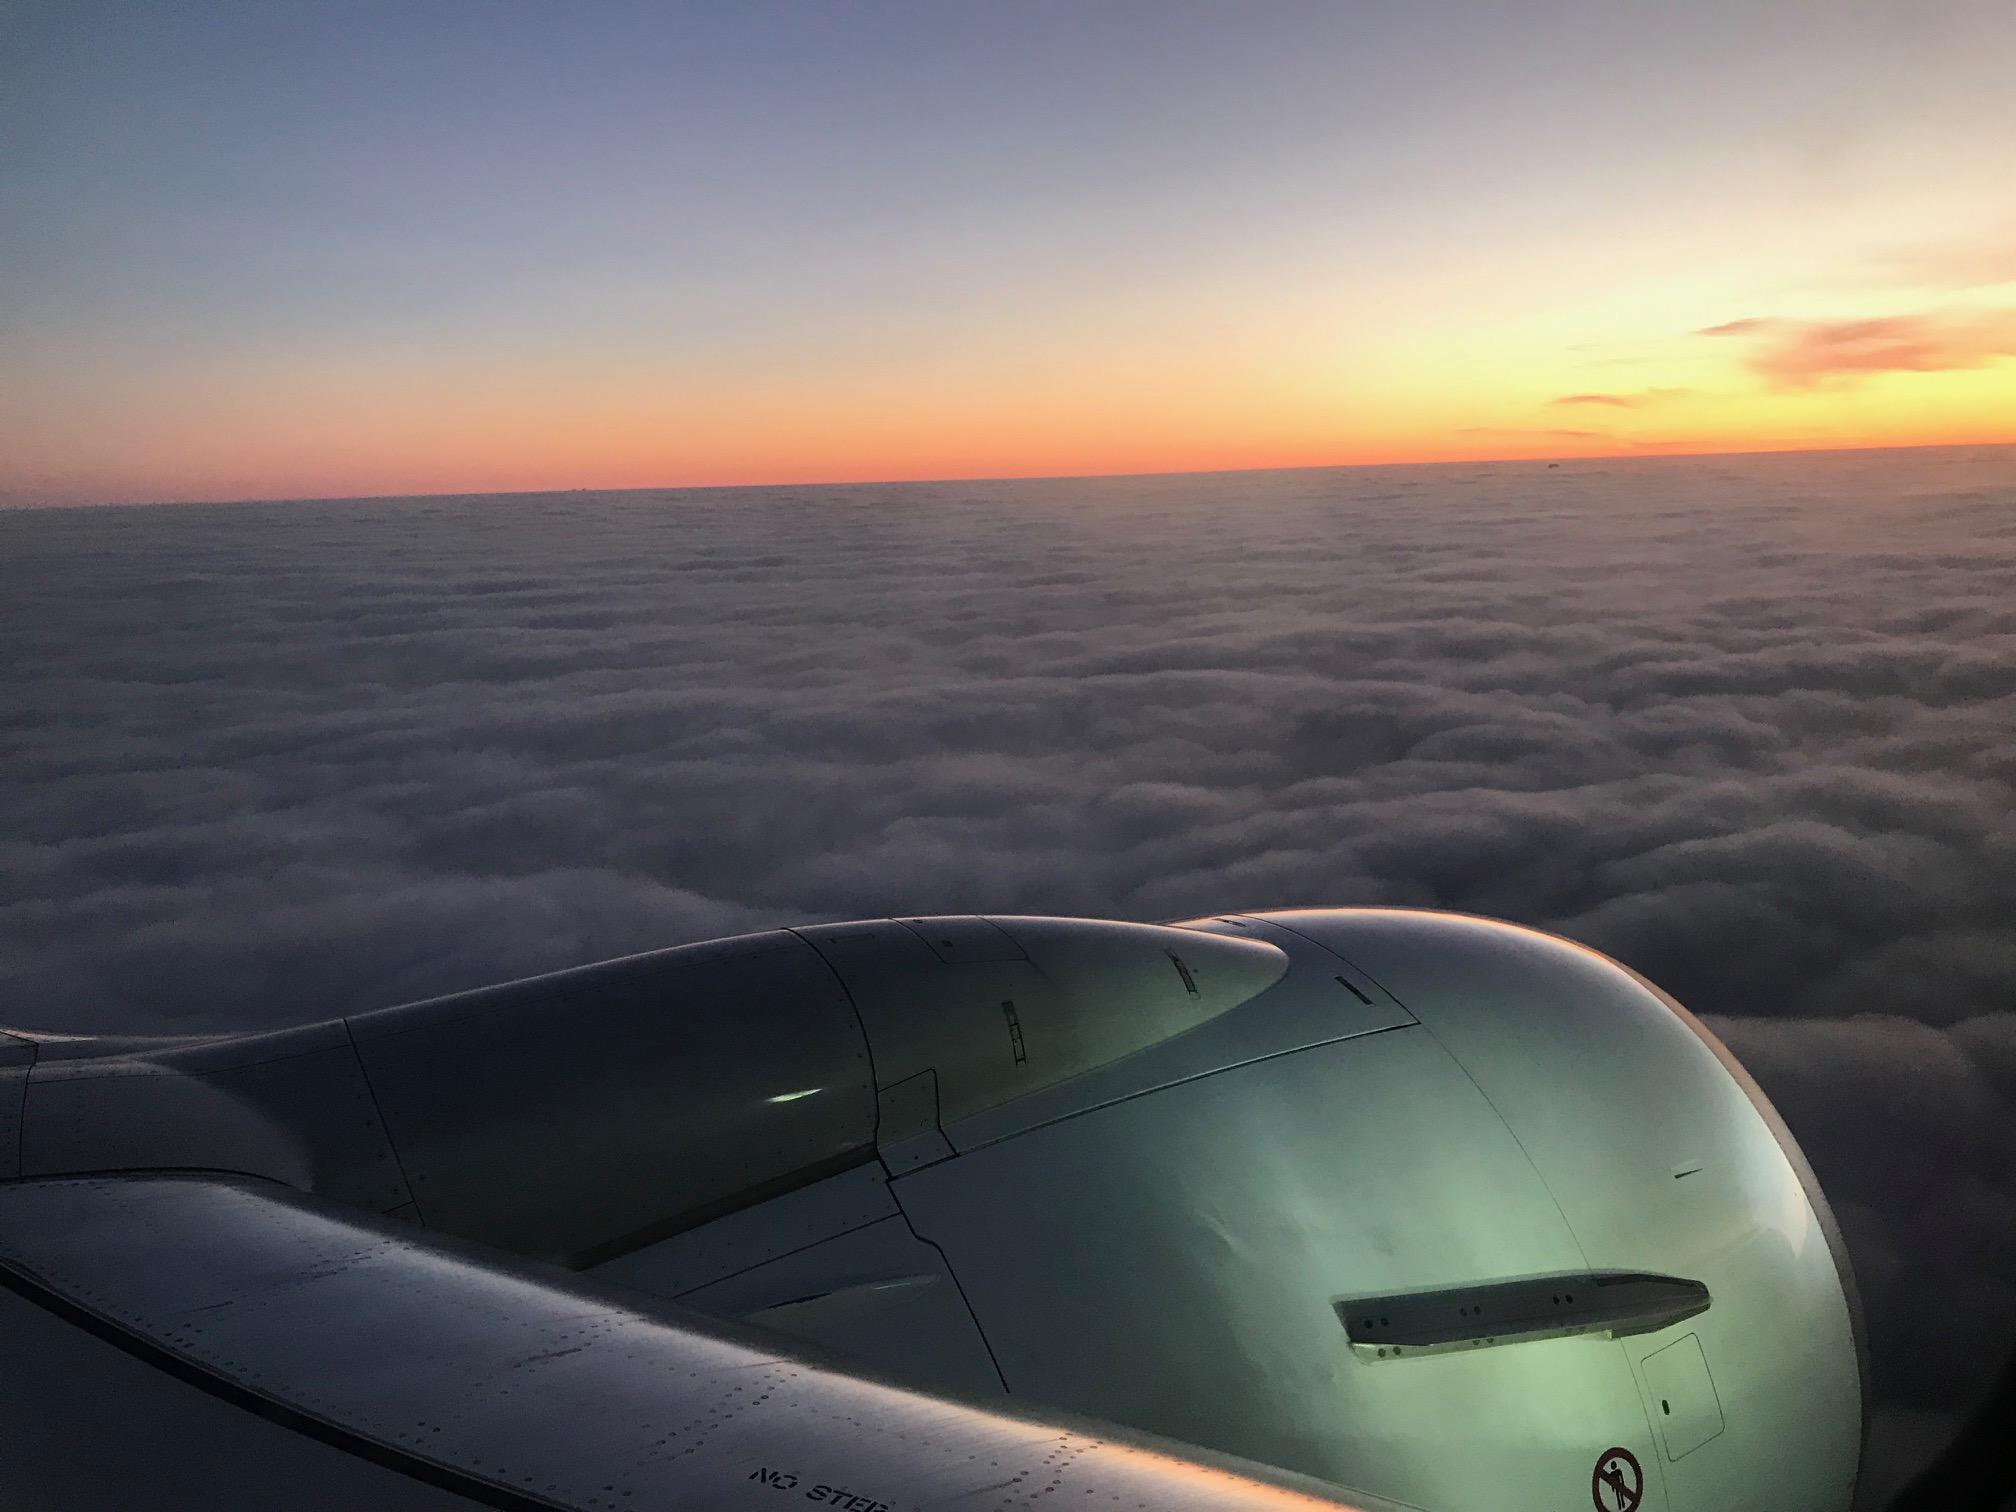 滞仏日記「欧州格安航空会社と渡り合う」